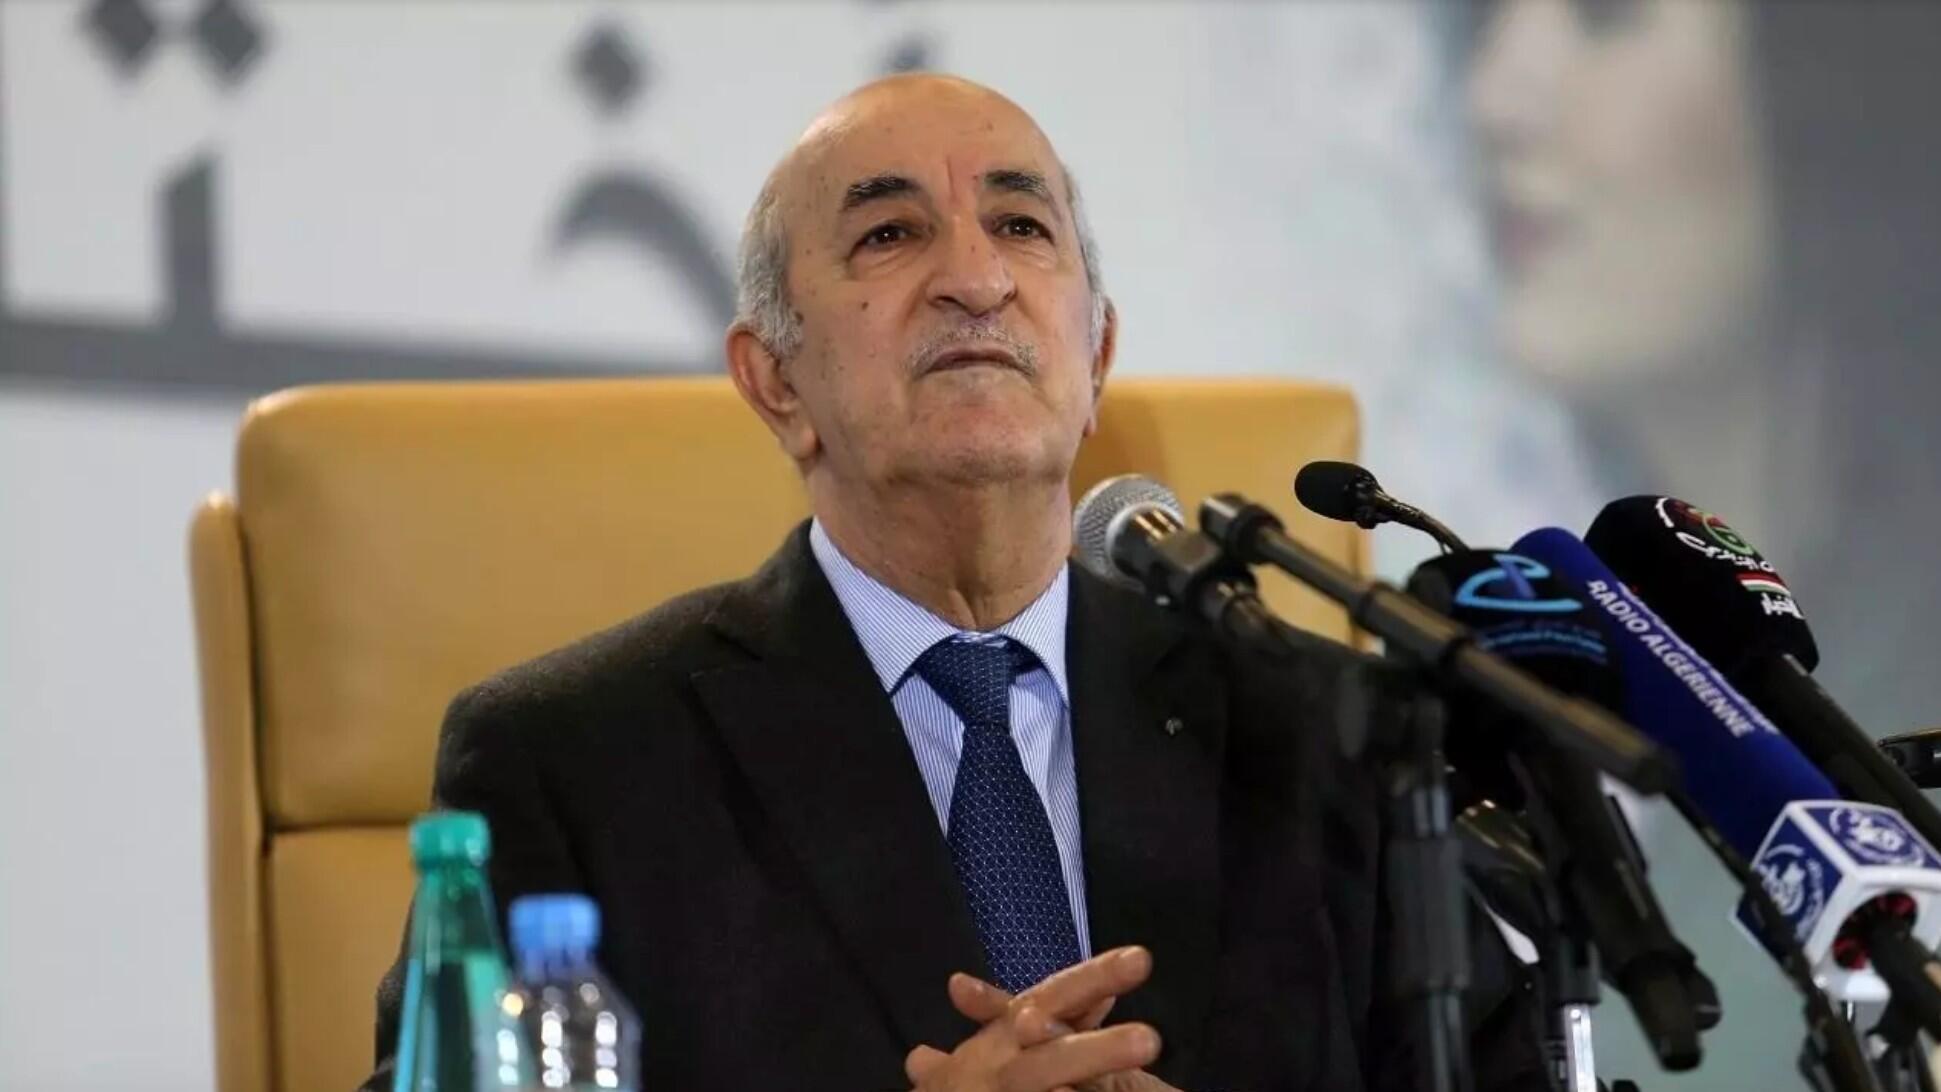 El presidente argelino Abdelmadjid Tebboune durante una conferencia de prensa en Argel, el 13 de diciembre de 2019.